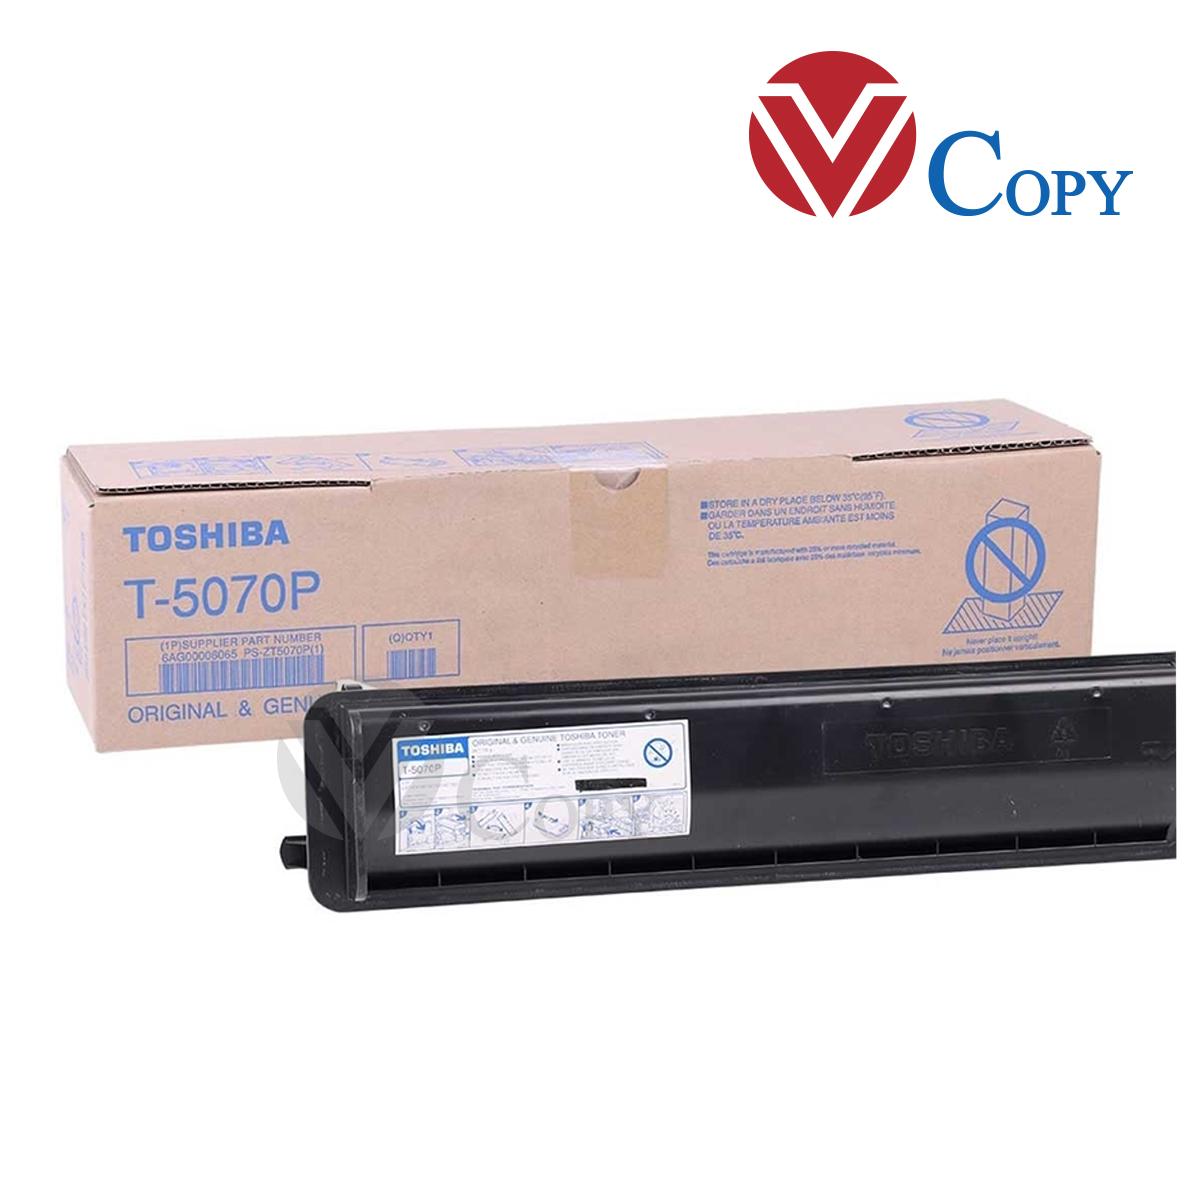 Mực Thương hiệu dùng cho máy photocopy Toshiba E-257/307/357/457 /507 - điện 220V